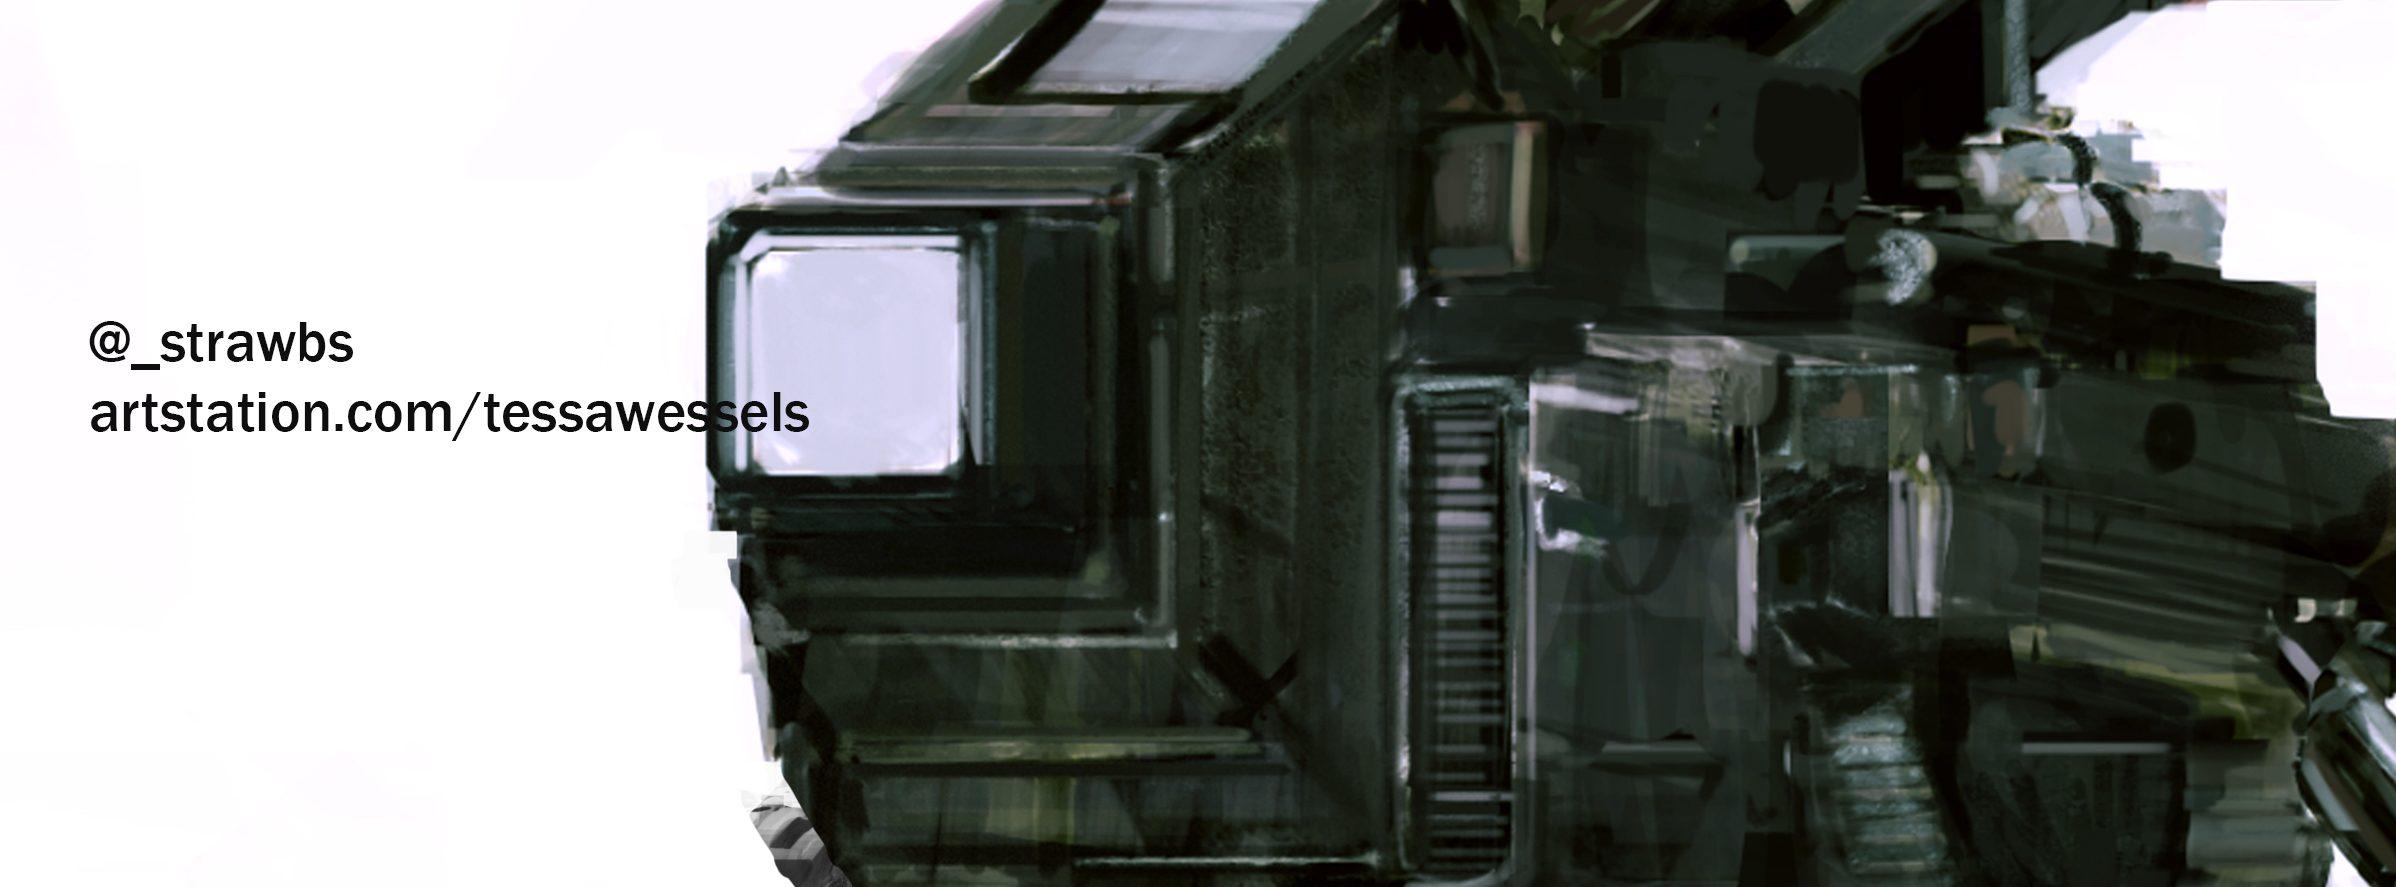 tessa-wessels